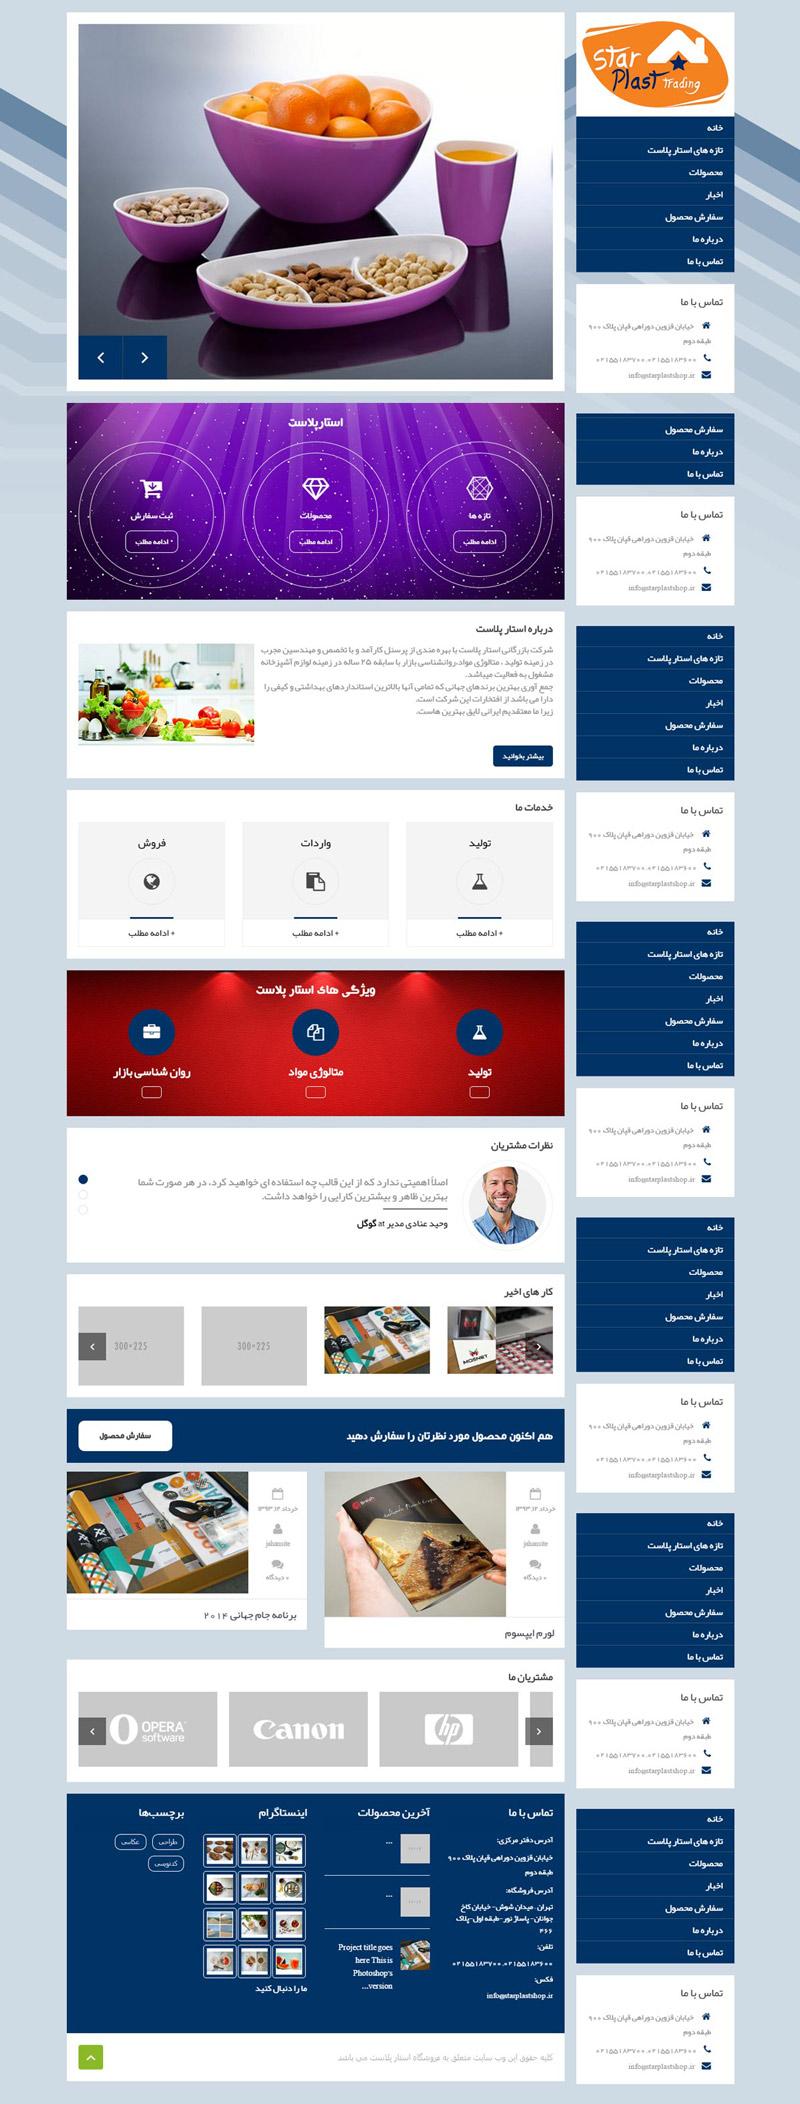 طراحی سایت شرکت بازرگانی استار پلاست